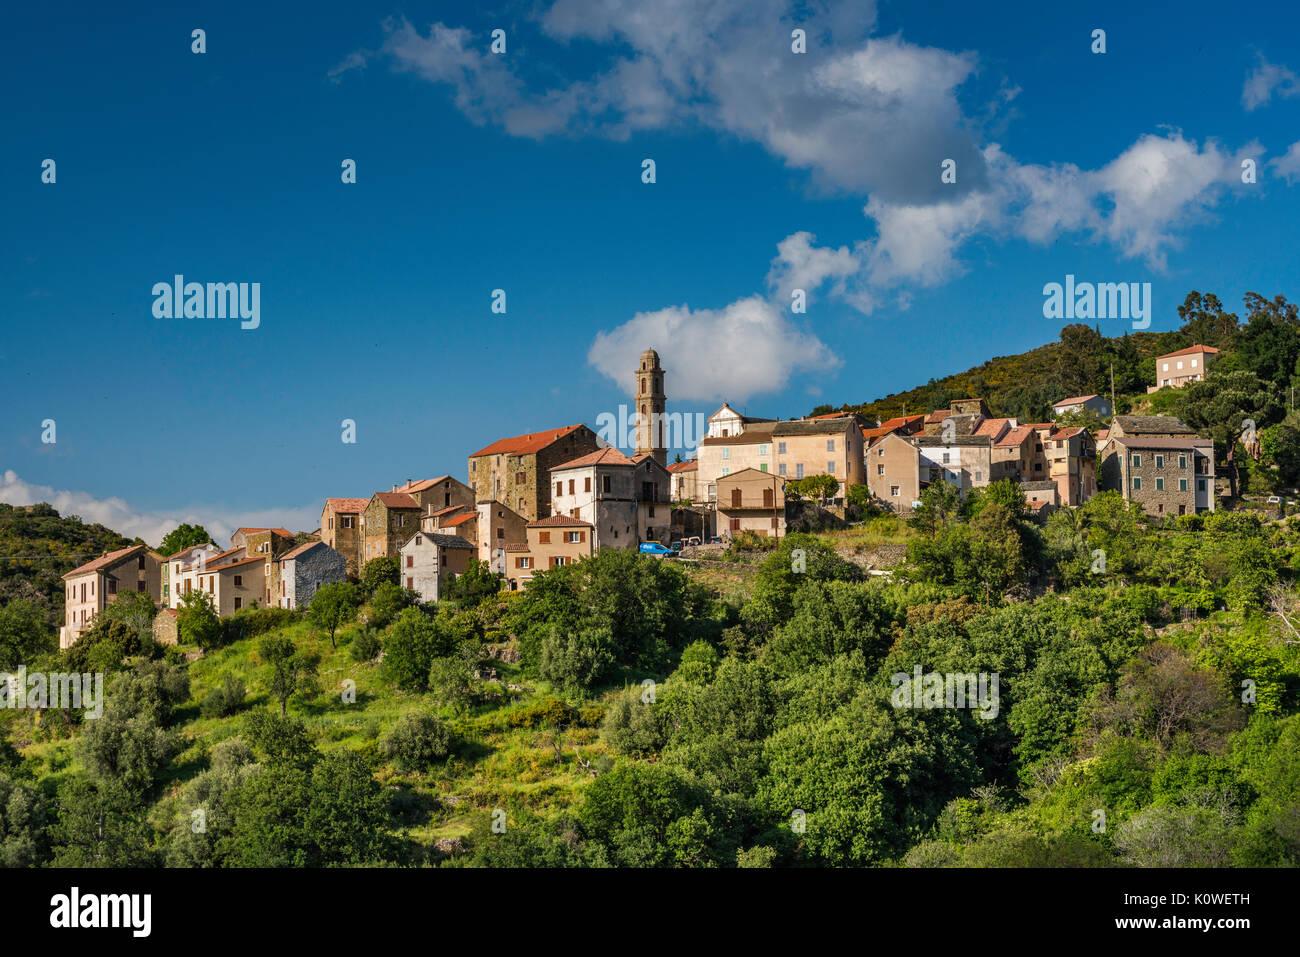 Colinas de la localidad de Pieve, Nebbio región, Haute-Corse departamento, Córcega, Francia Imagen De Stock